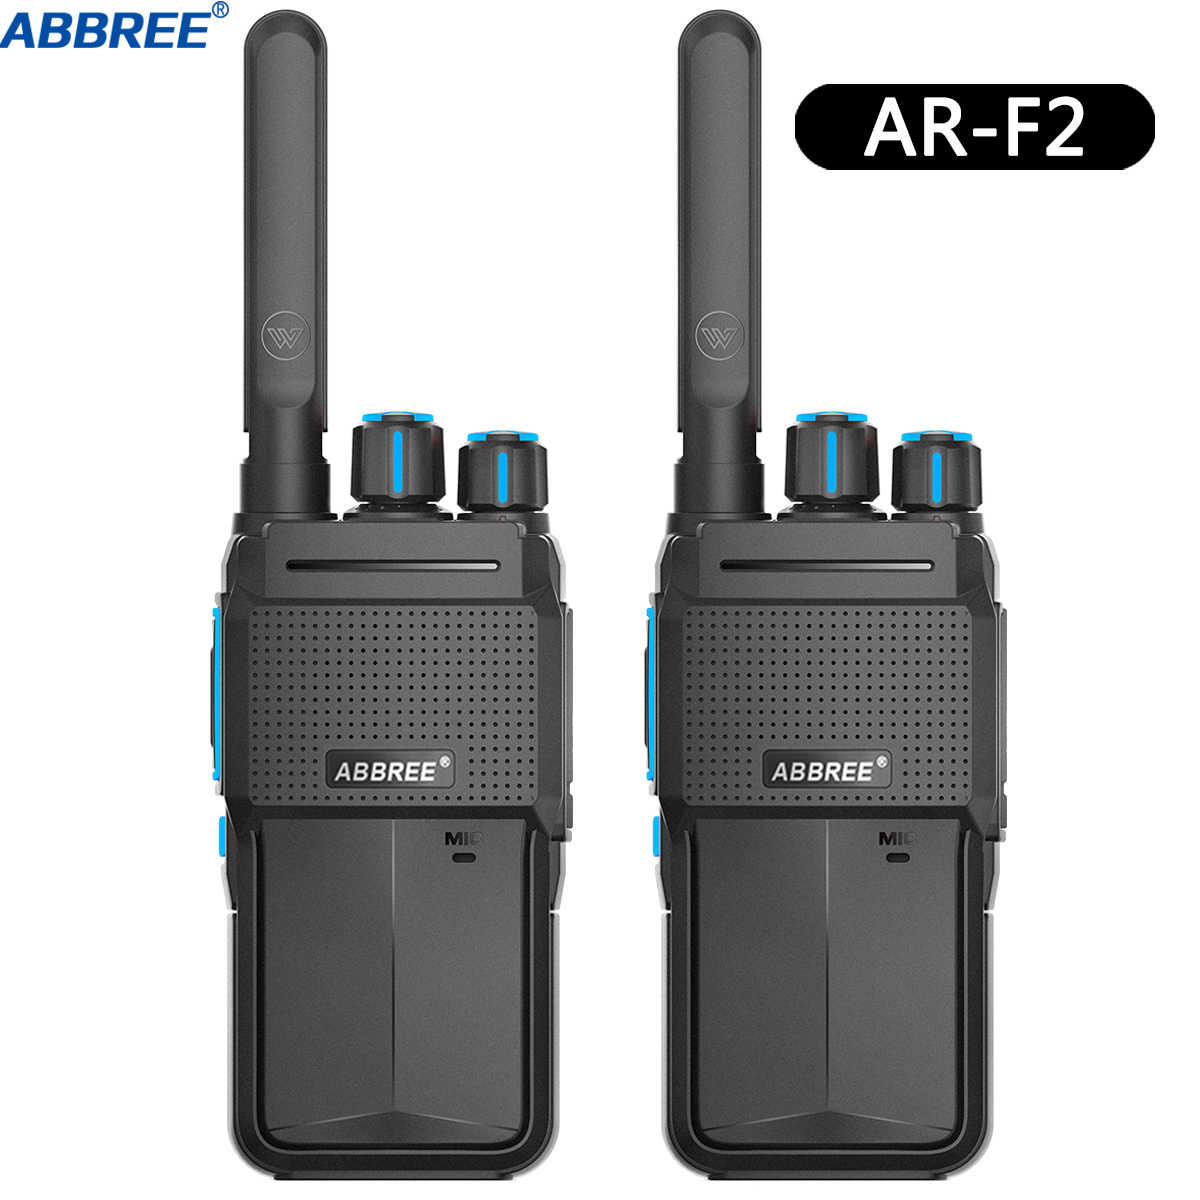 2 шт. ABBREE AR-F2 мини-рация Портативная радиостанция 400-480 МГц двухстороннее радио uhf band Радио-коммуникатор BF-888S UV-5R